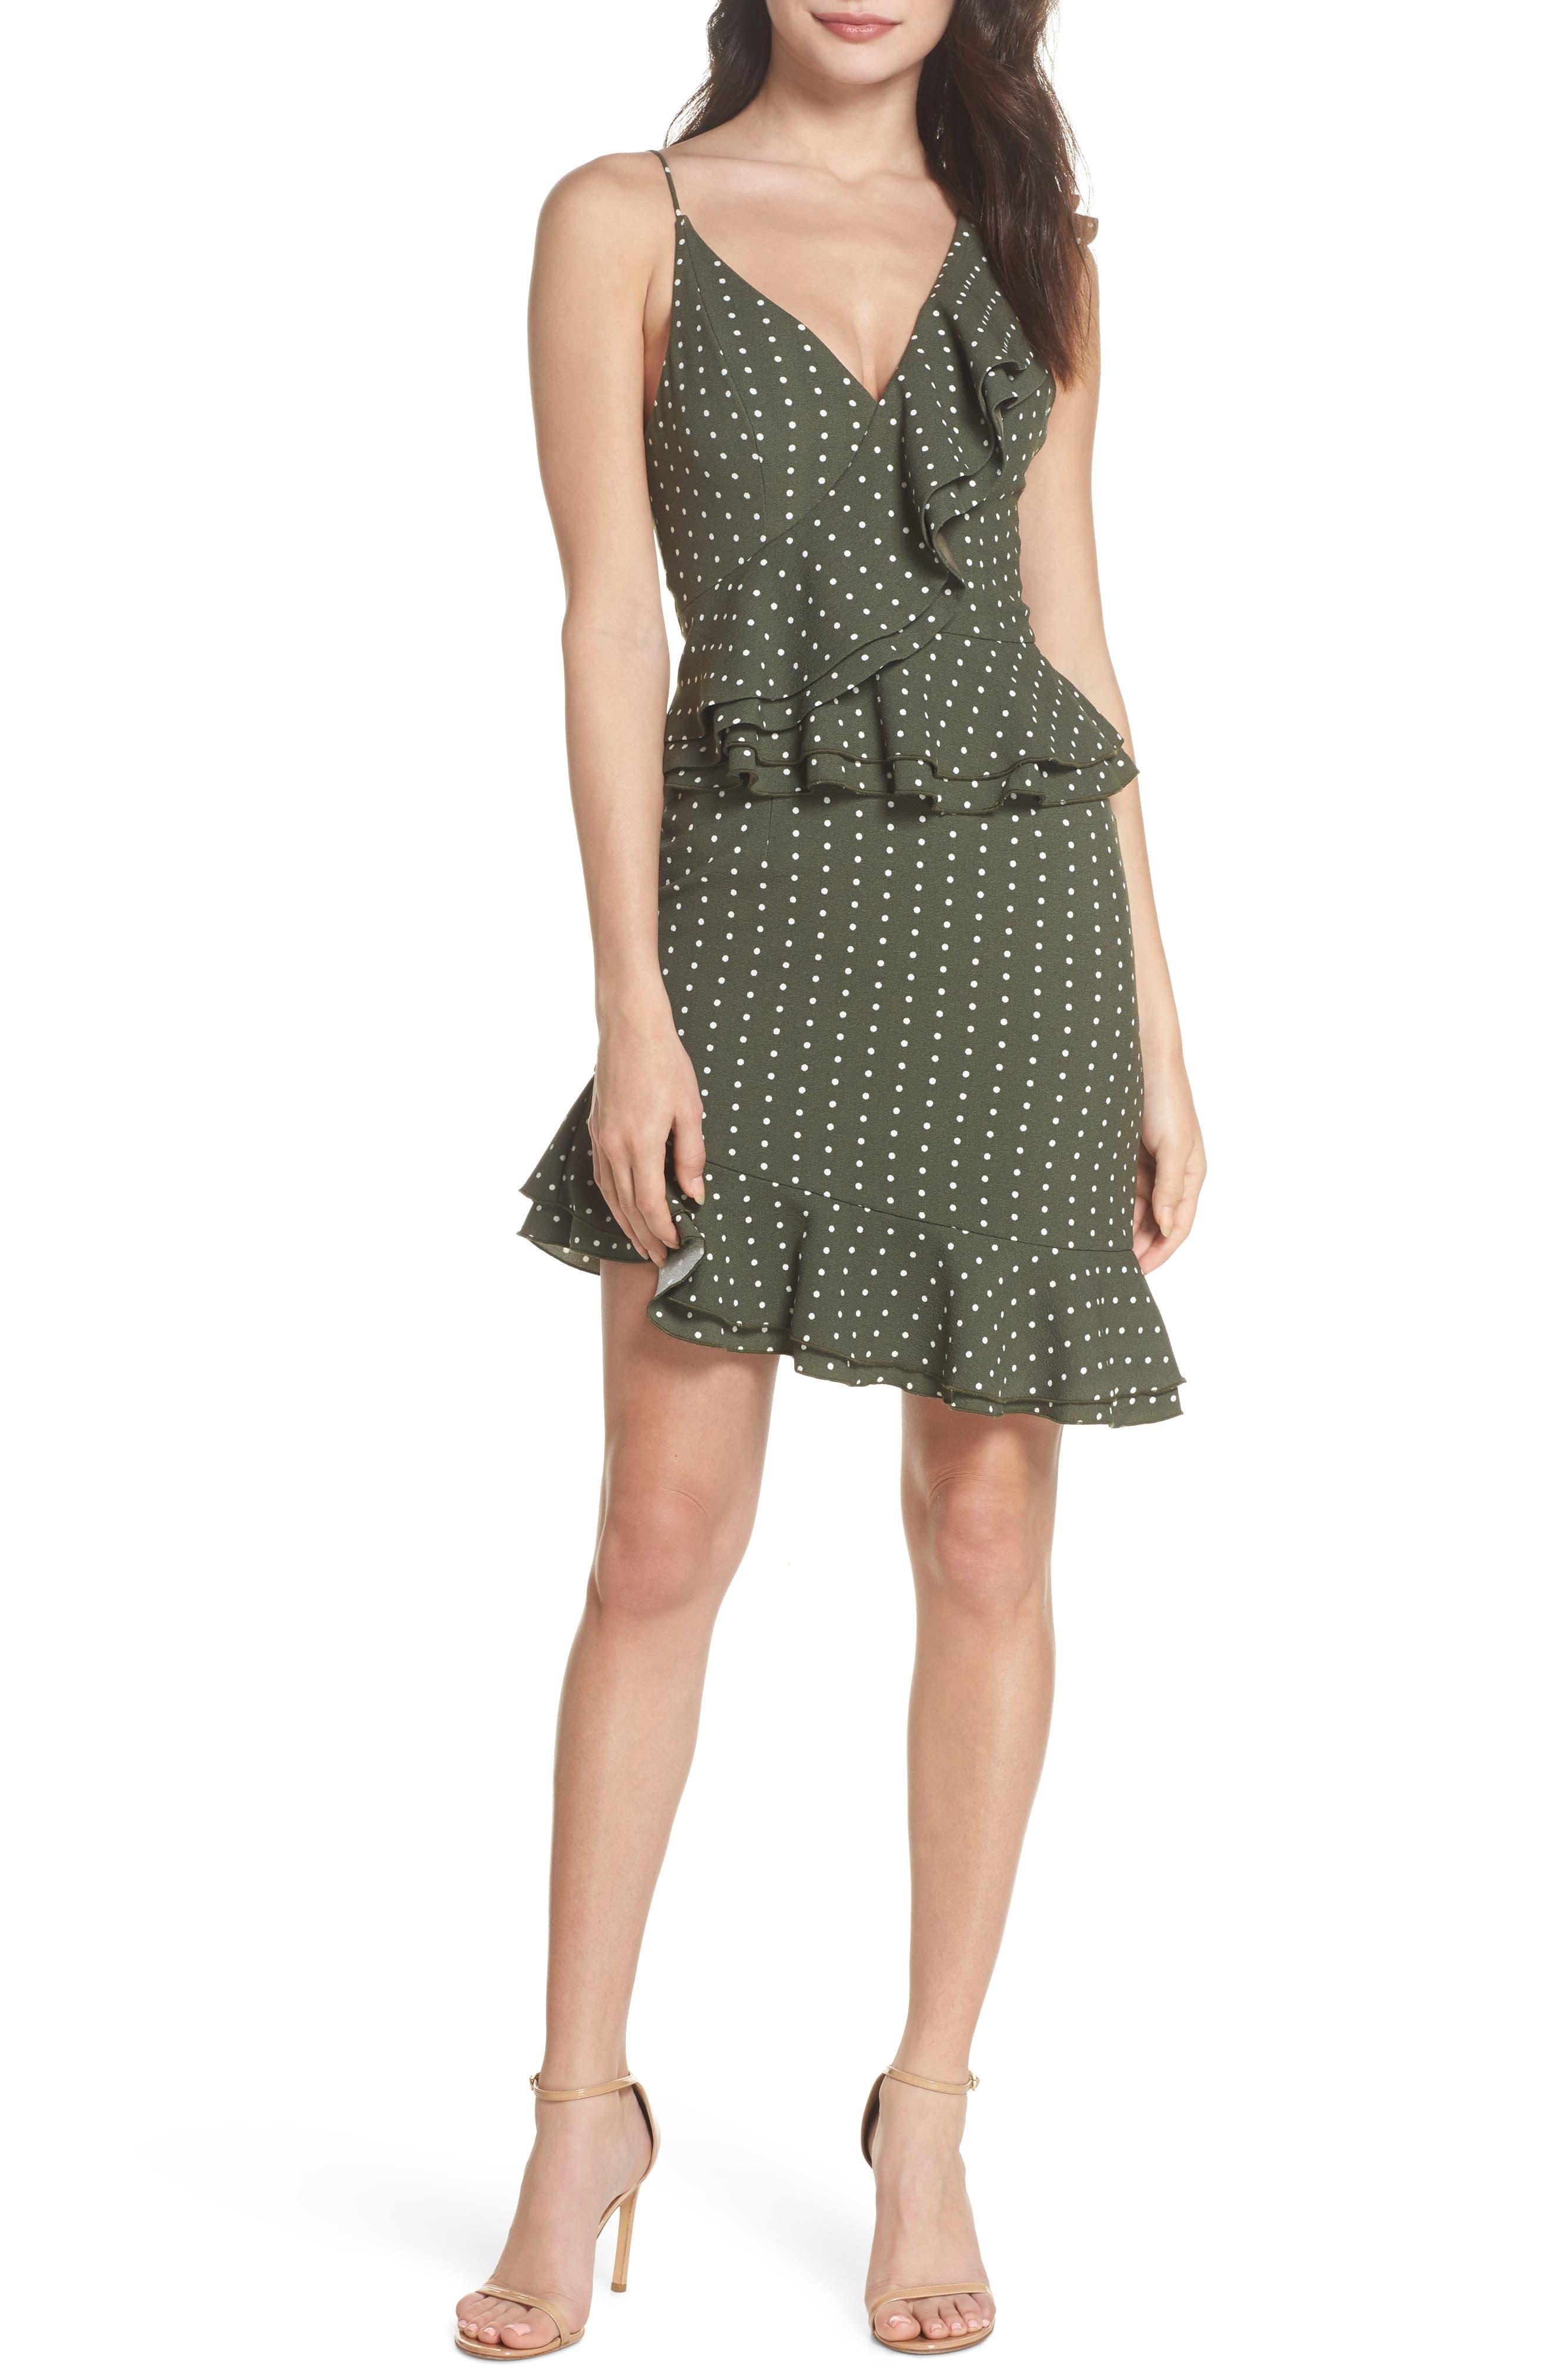 Entice Dot Ruffle Trim Dress,                             Main thumbnail 1, color,                             Khaki W Ivory Spot